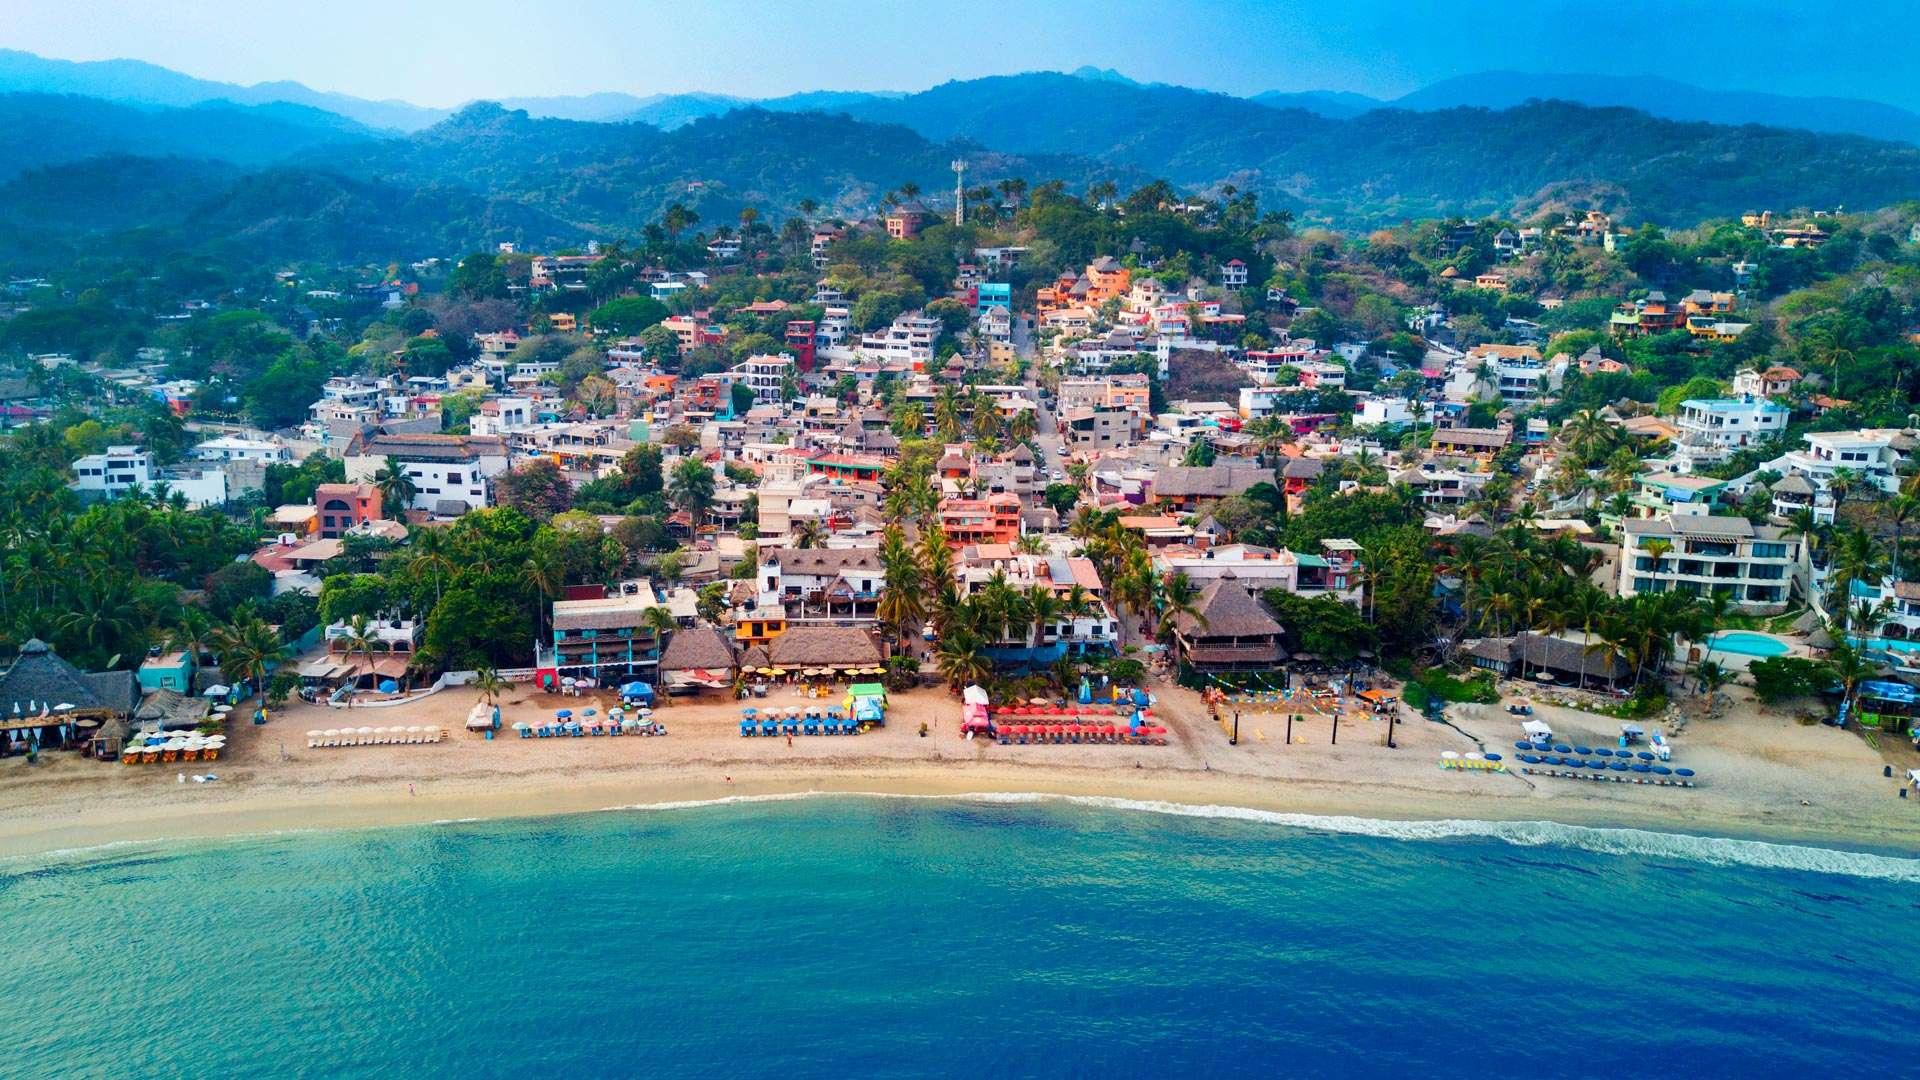 Nuevo Vallarta Nayarit Mexico